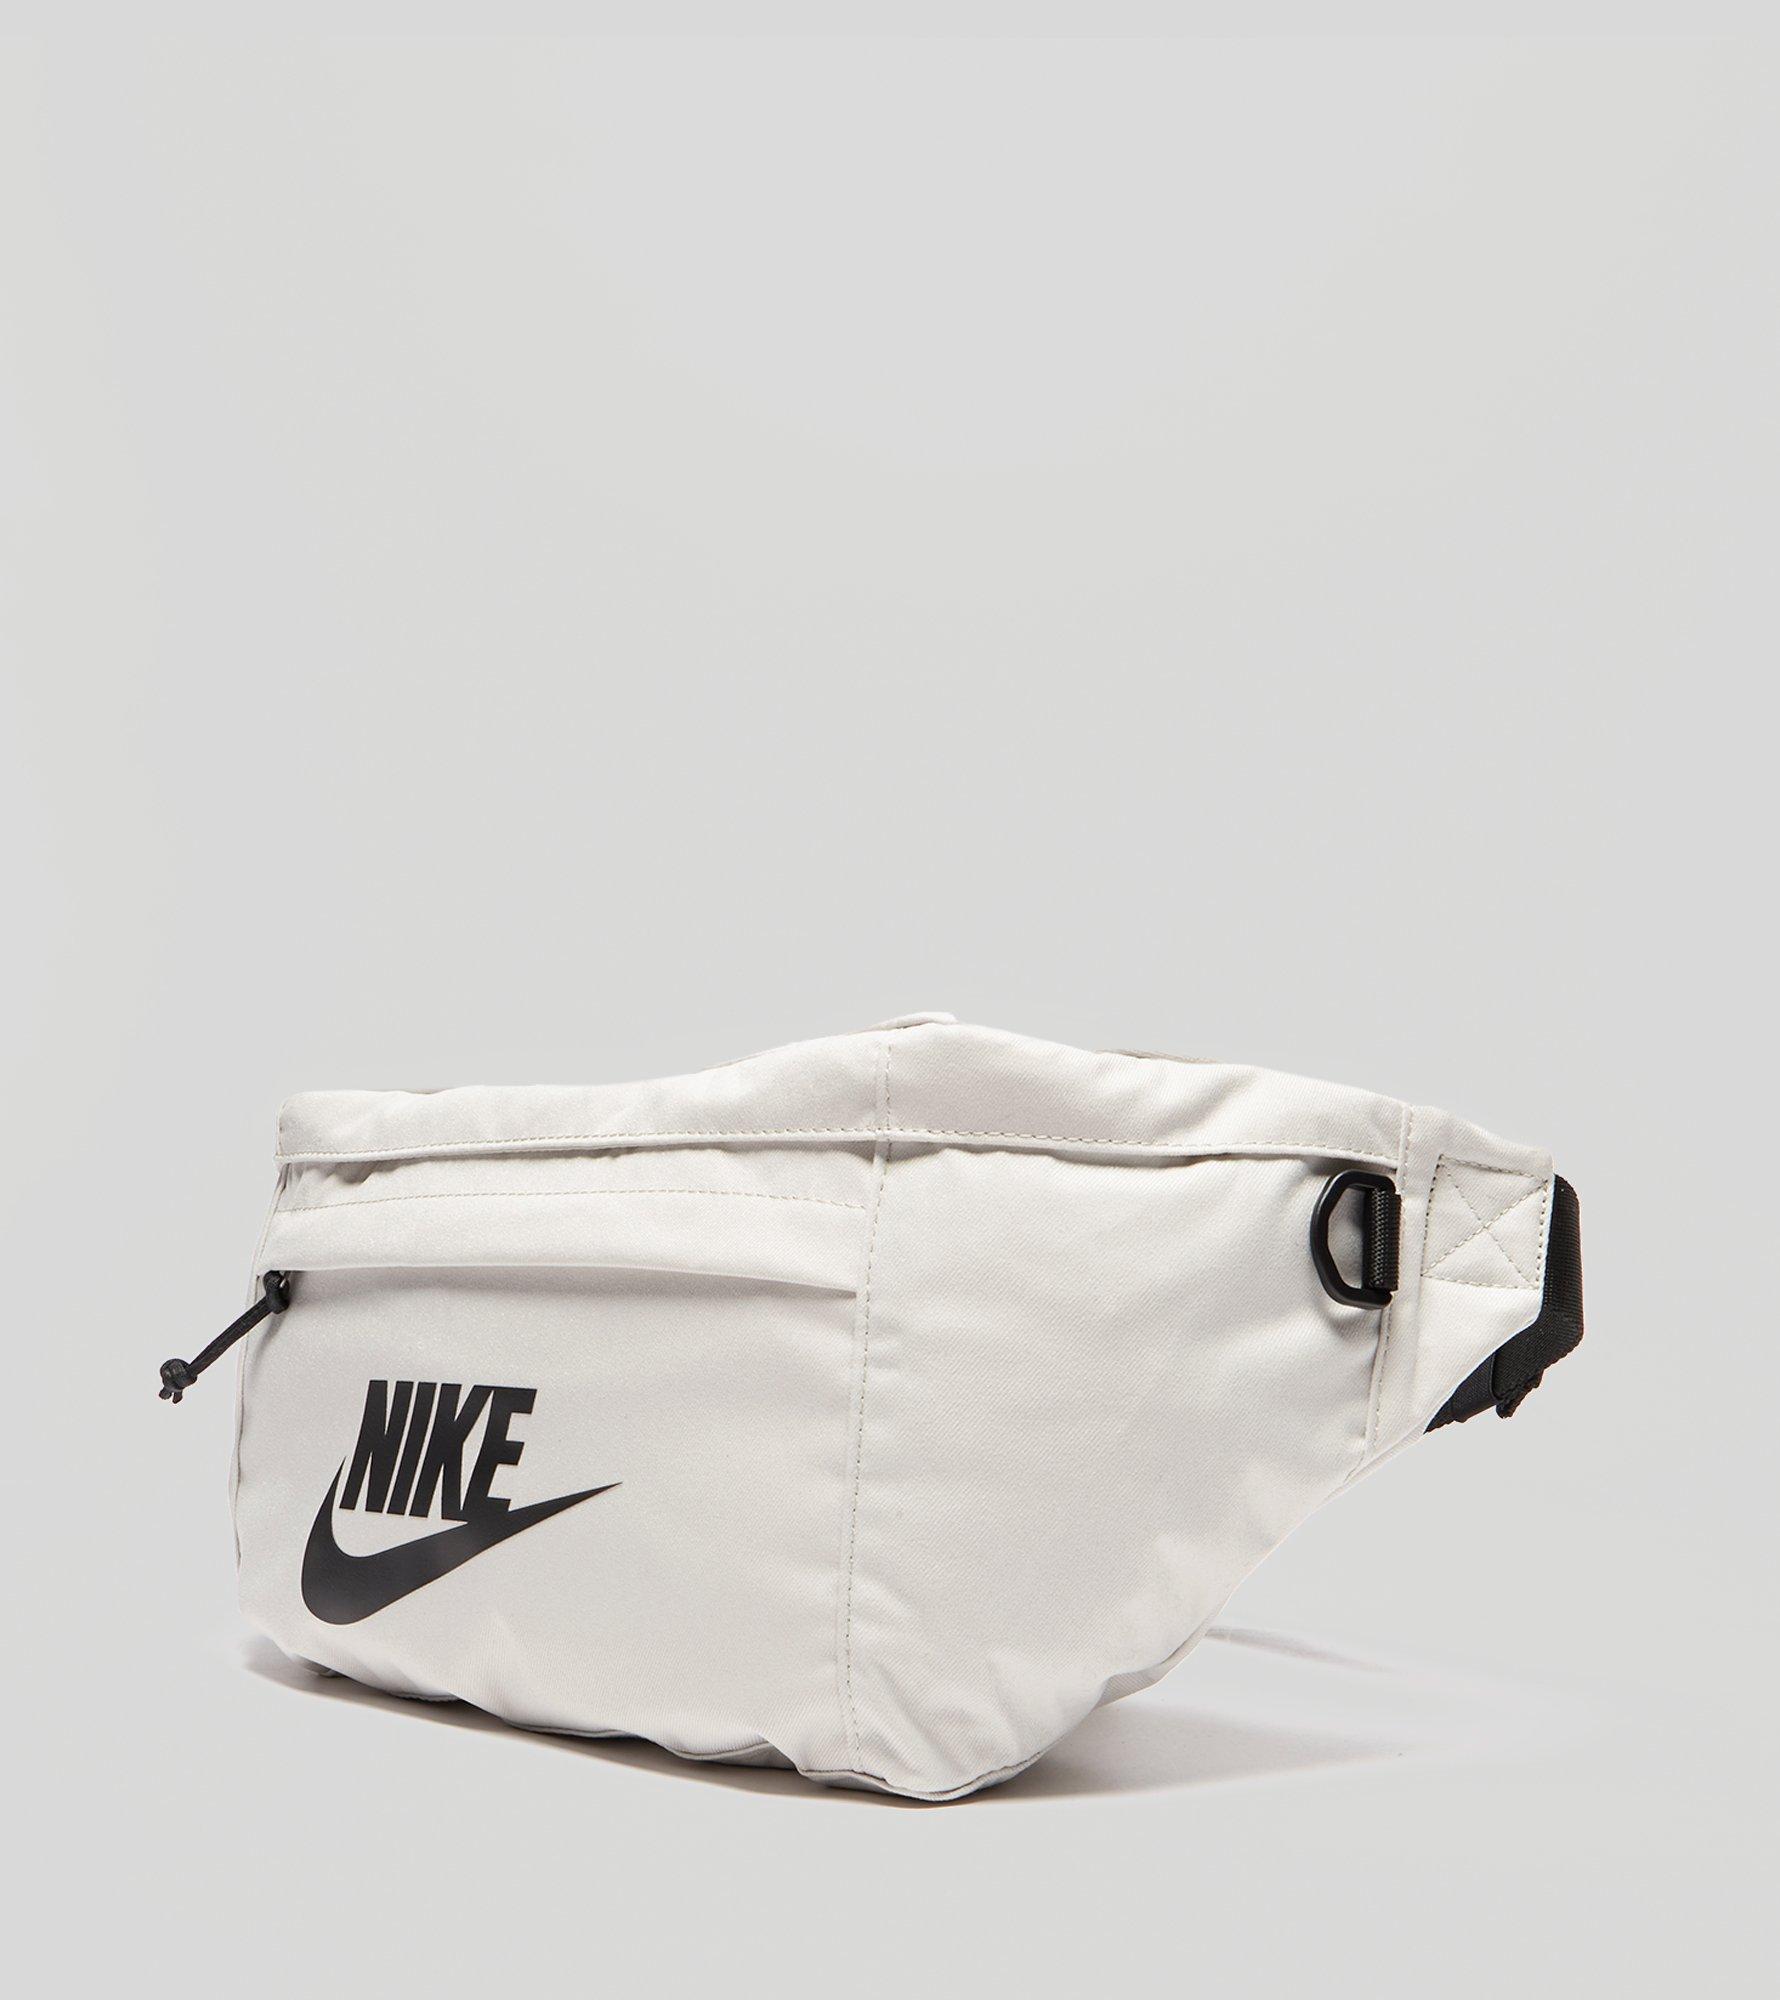 Lyst - Nike Tech Waist Bag in White for Men 4cbc2d964b23